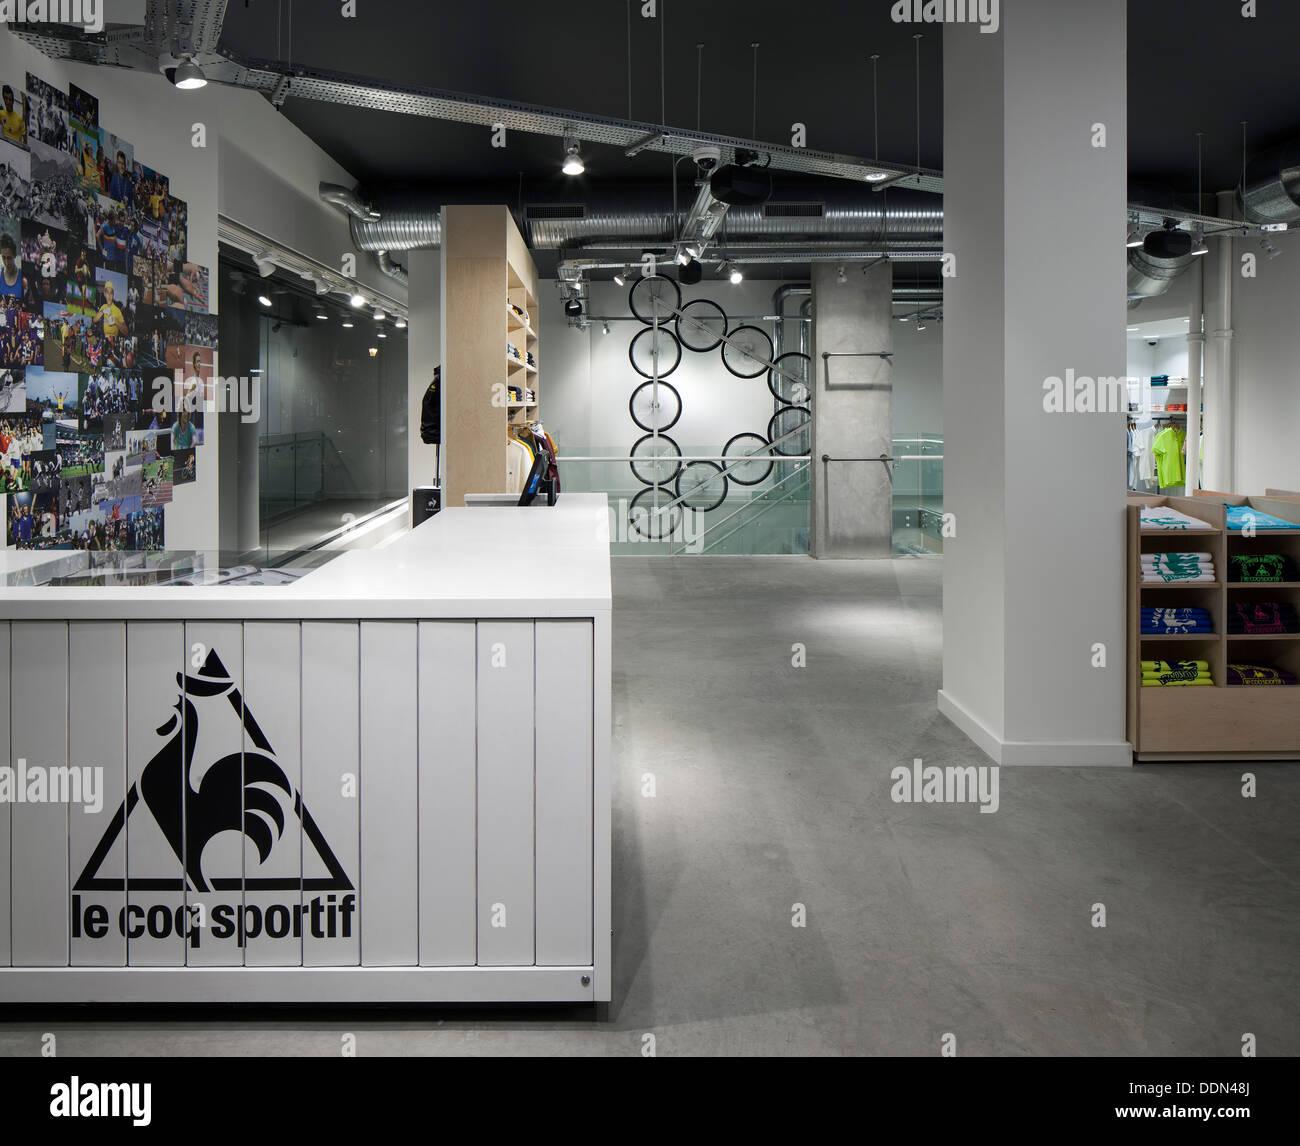 Le Coq Sportif London